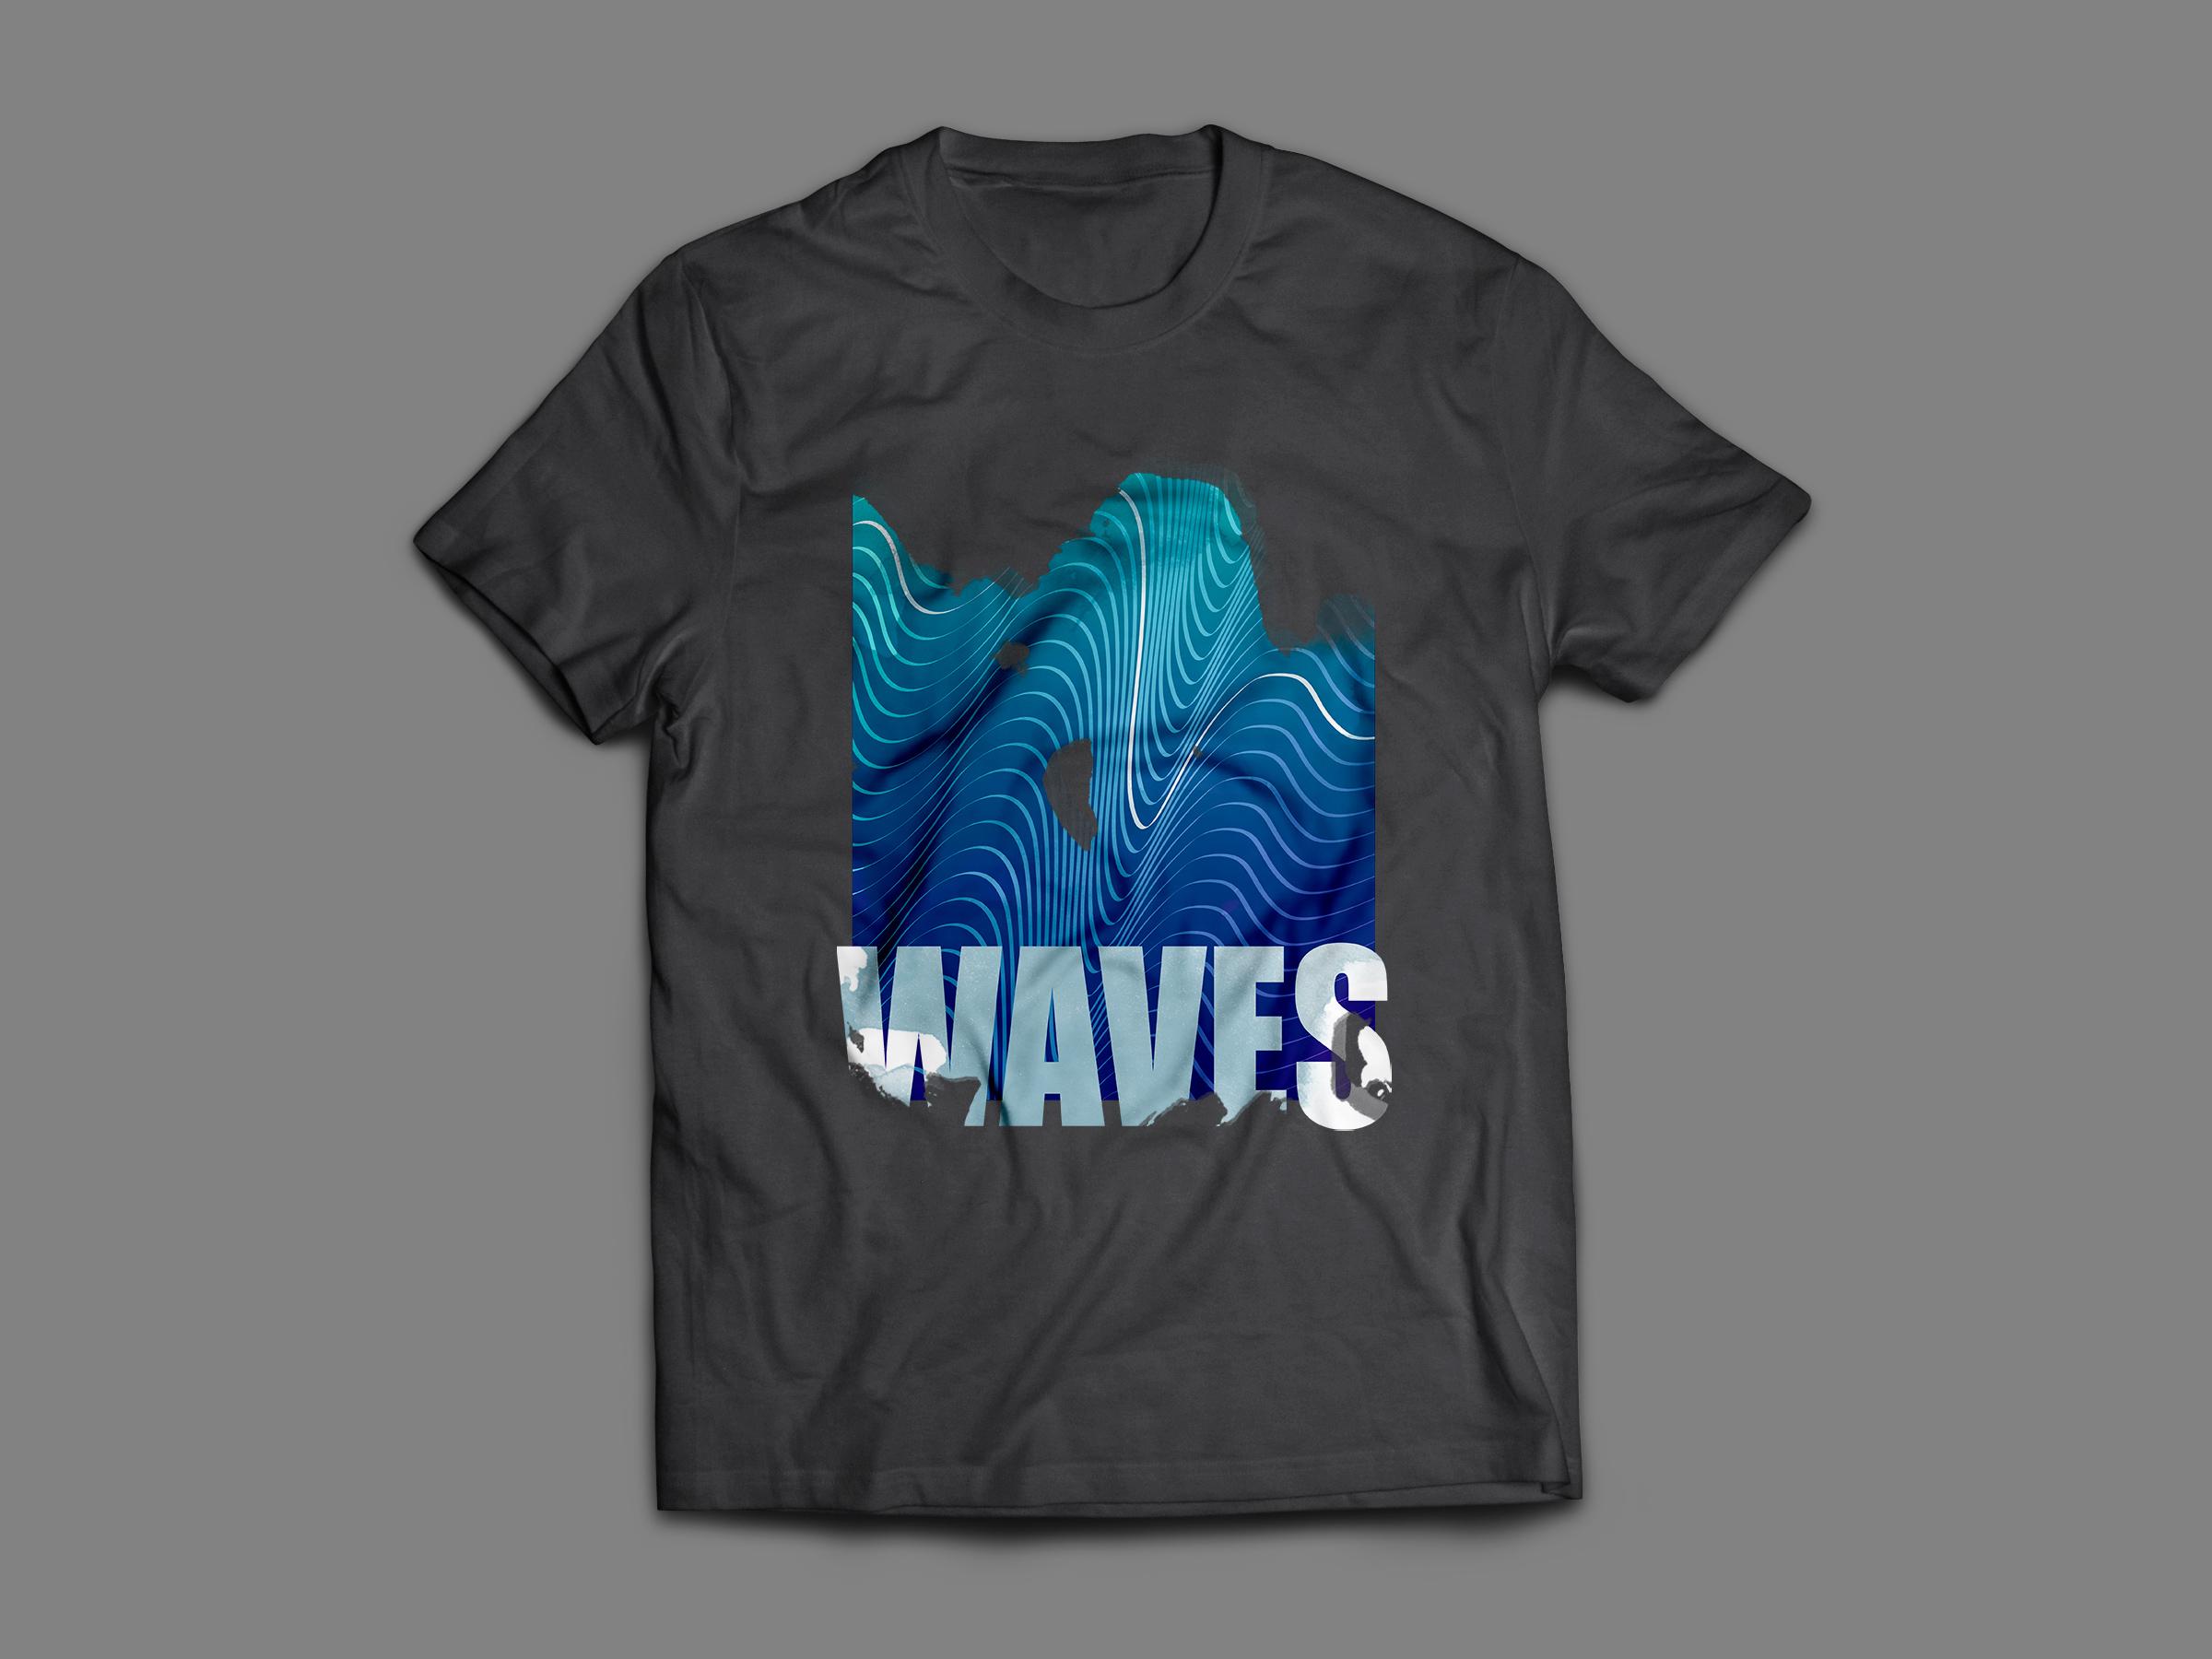 waves, le t-shirt pour la plage